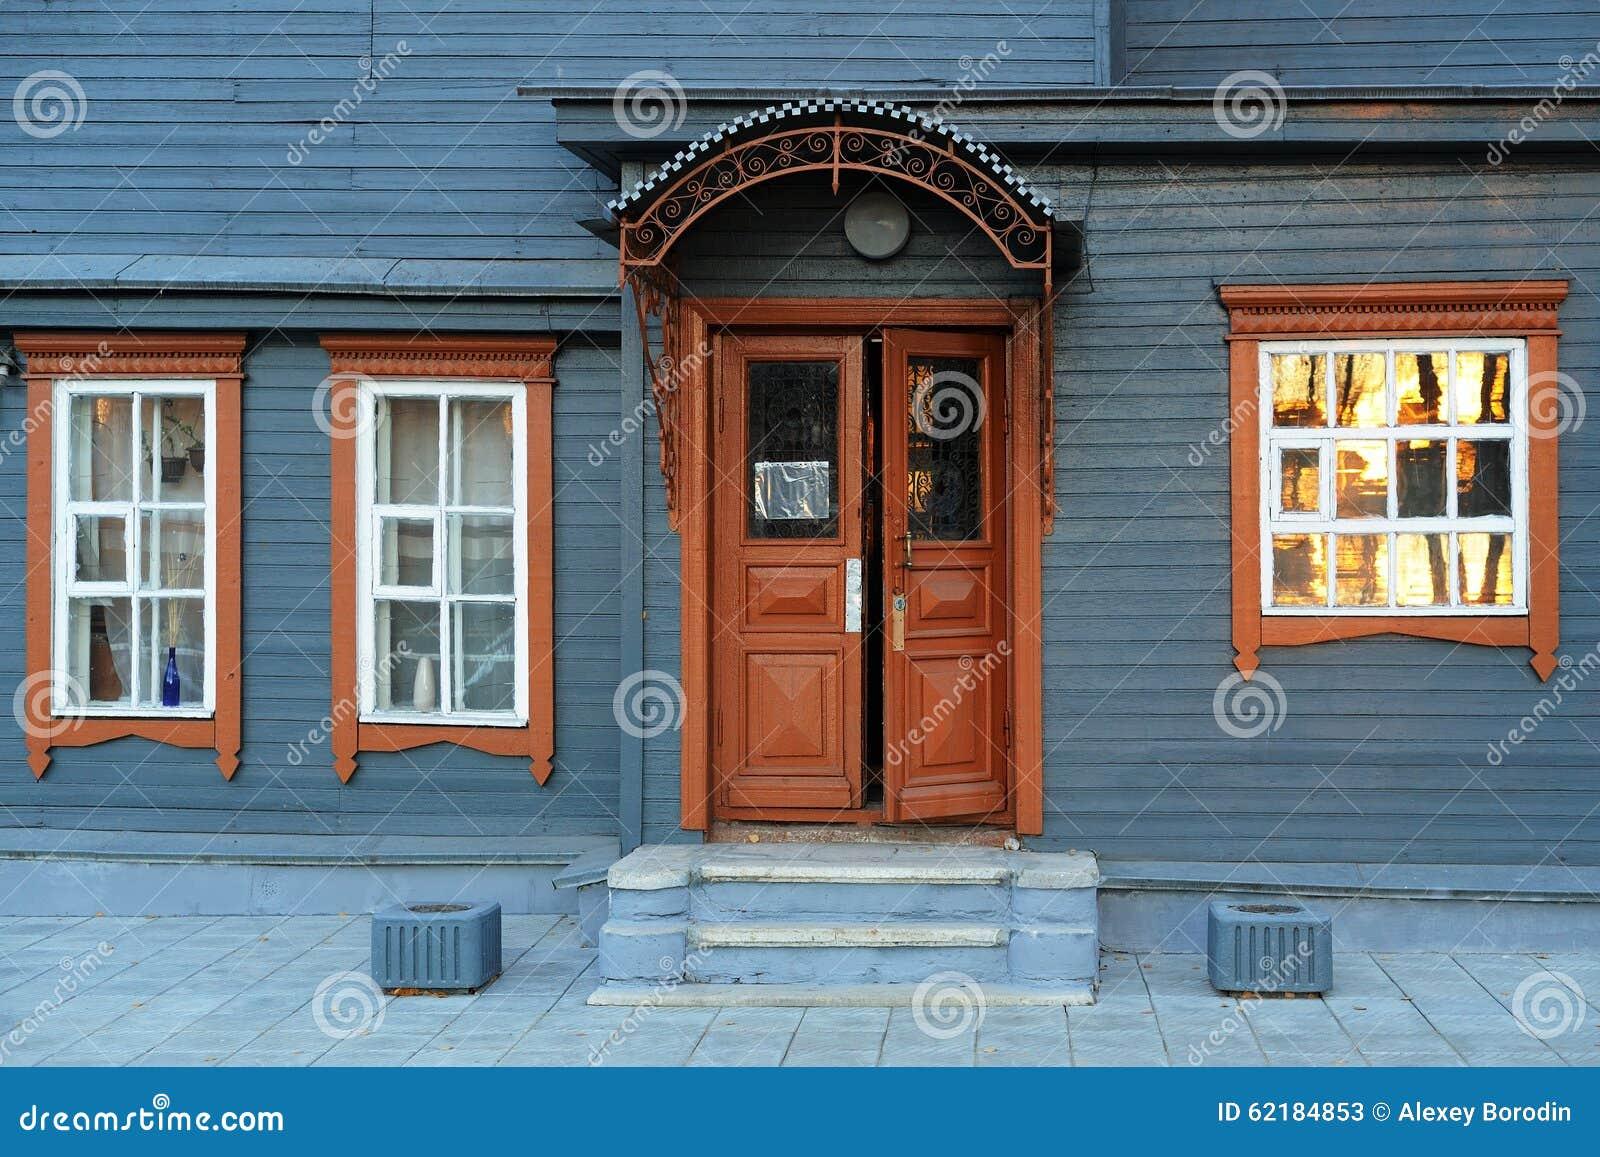 Blue grey wooden house facade with brown open door stock for Plan maison facade